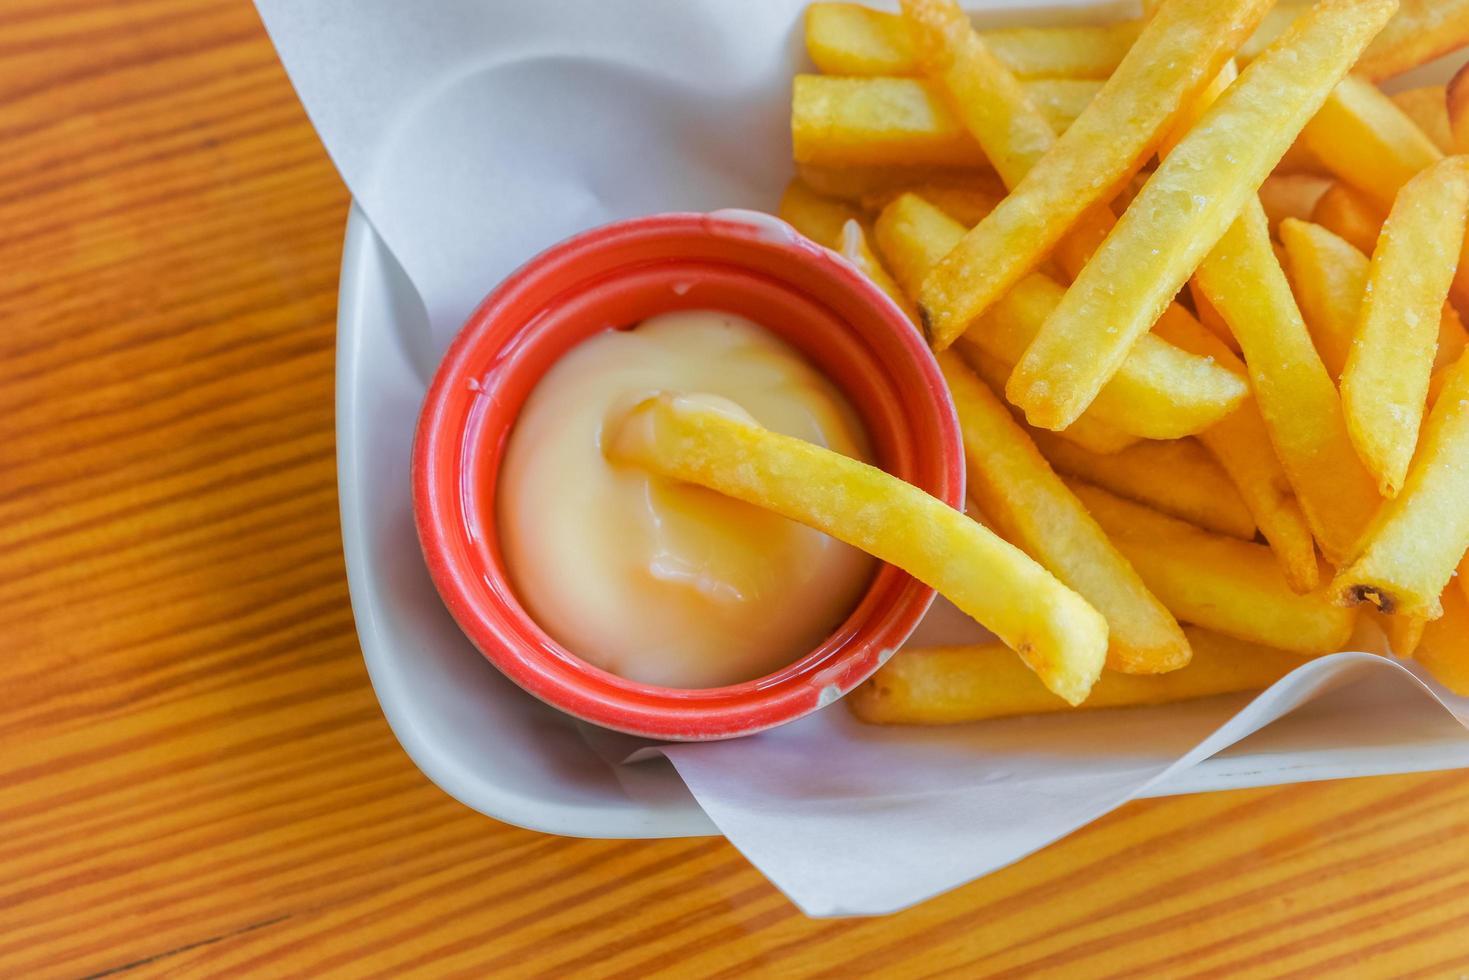 papas fritas en un plato blanco foto